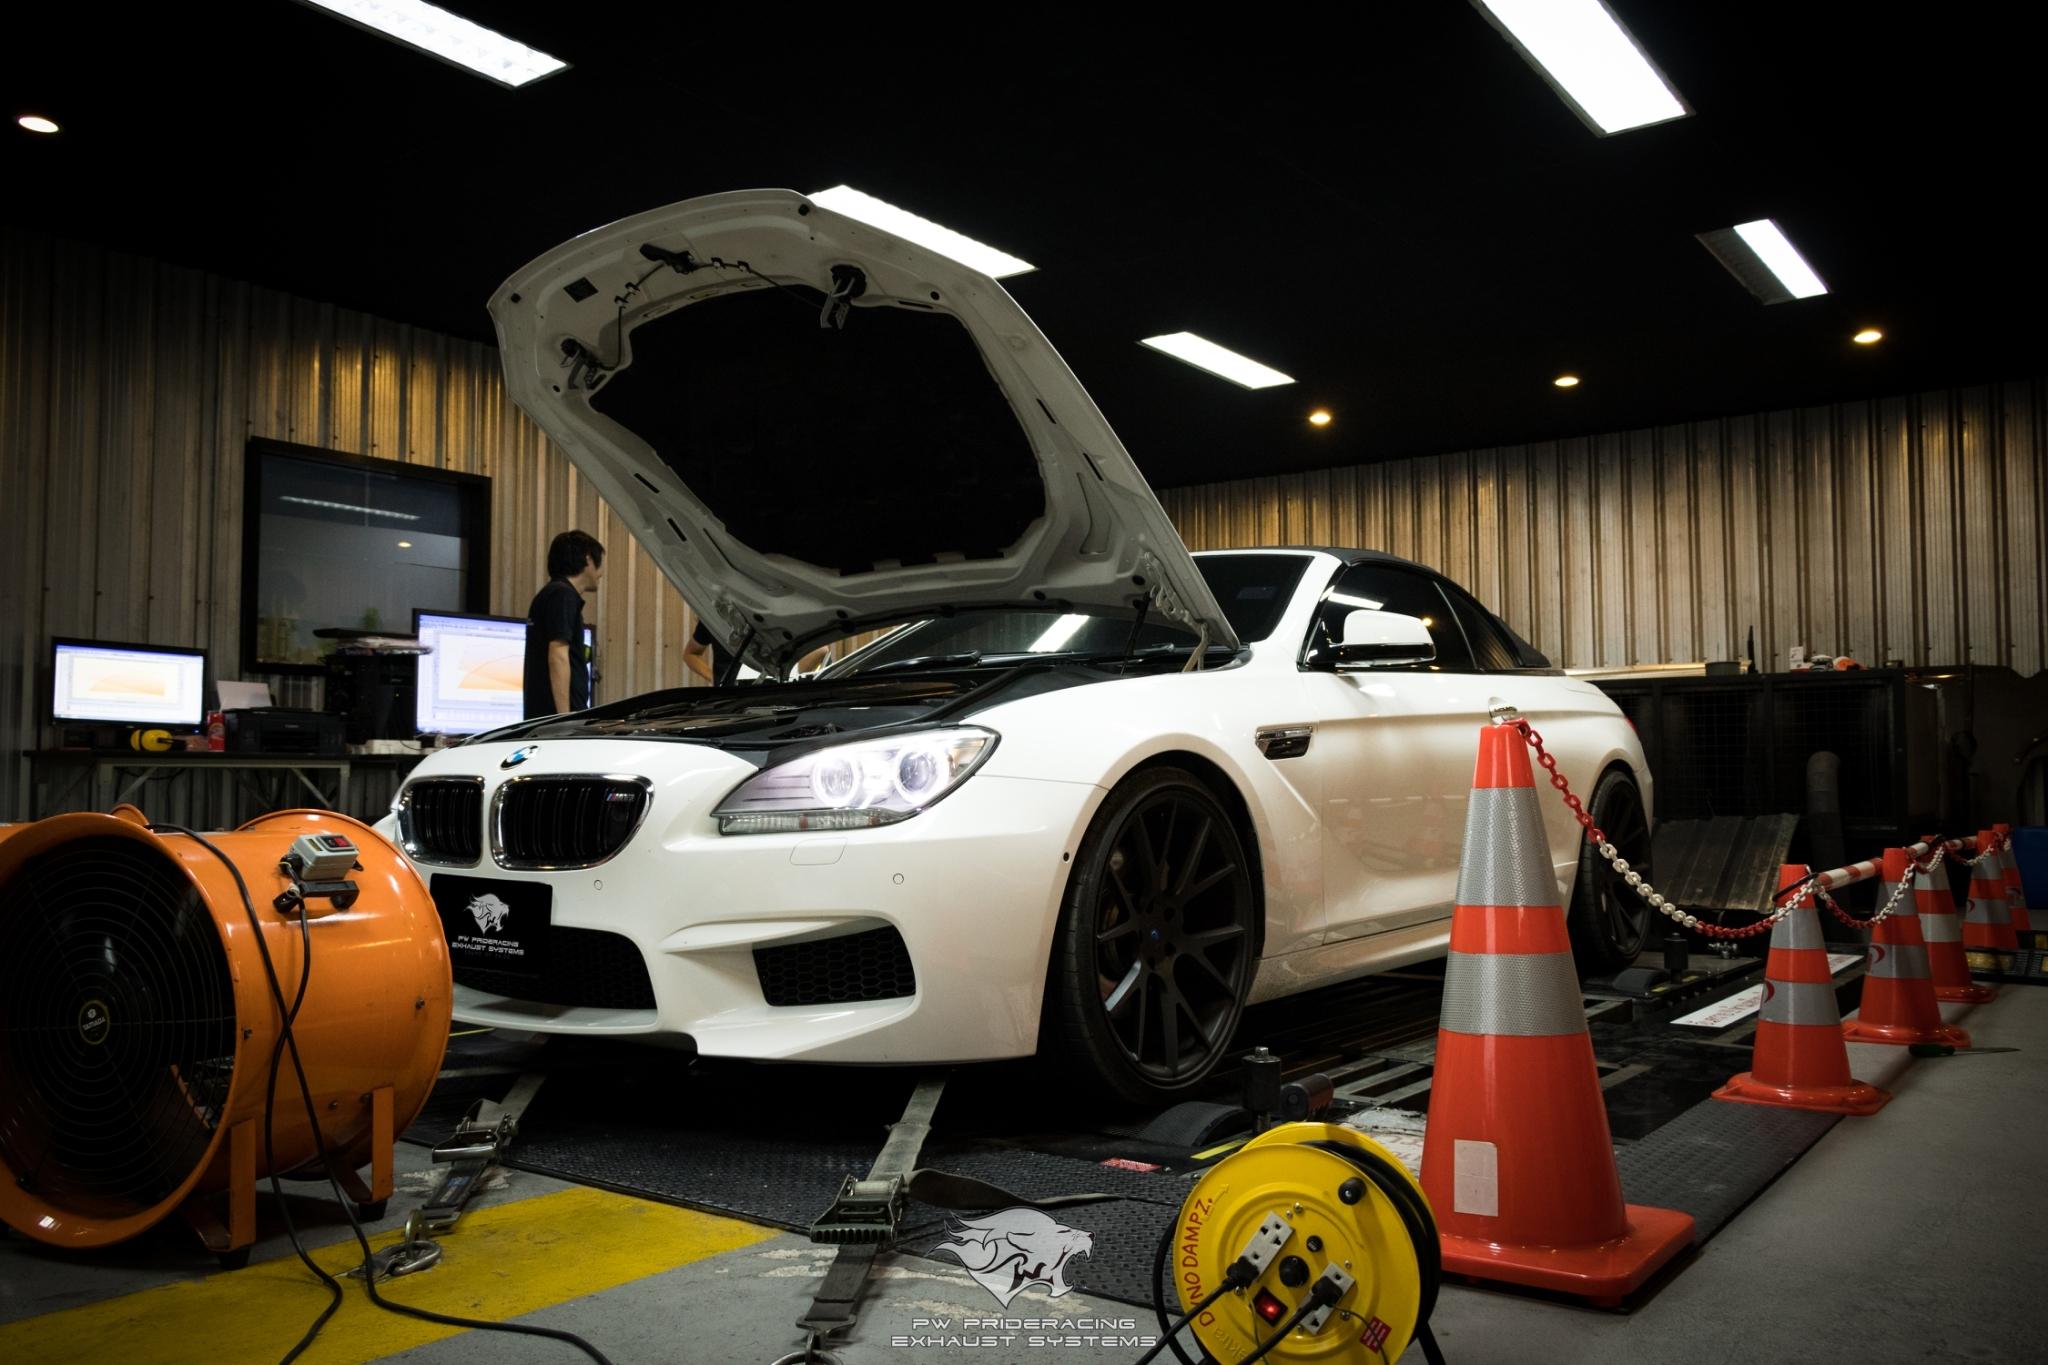 ชุดท่อไอเสีย BMW F12 640i by PW PrideRacing